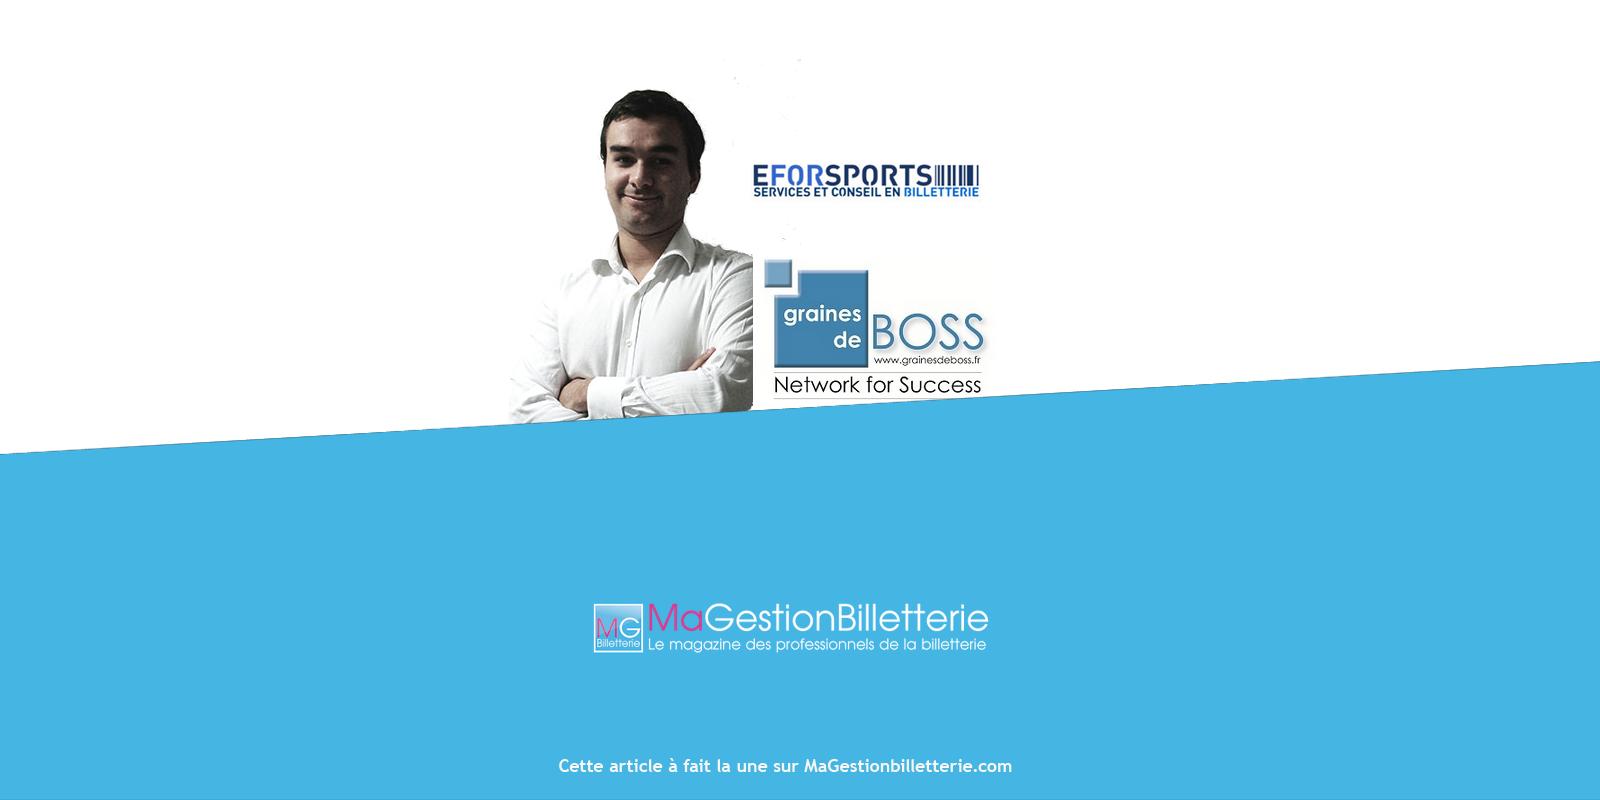 eForSports-Graine-de-Boss-une